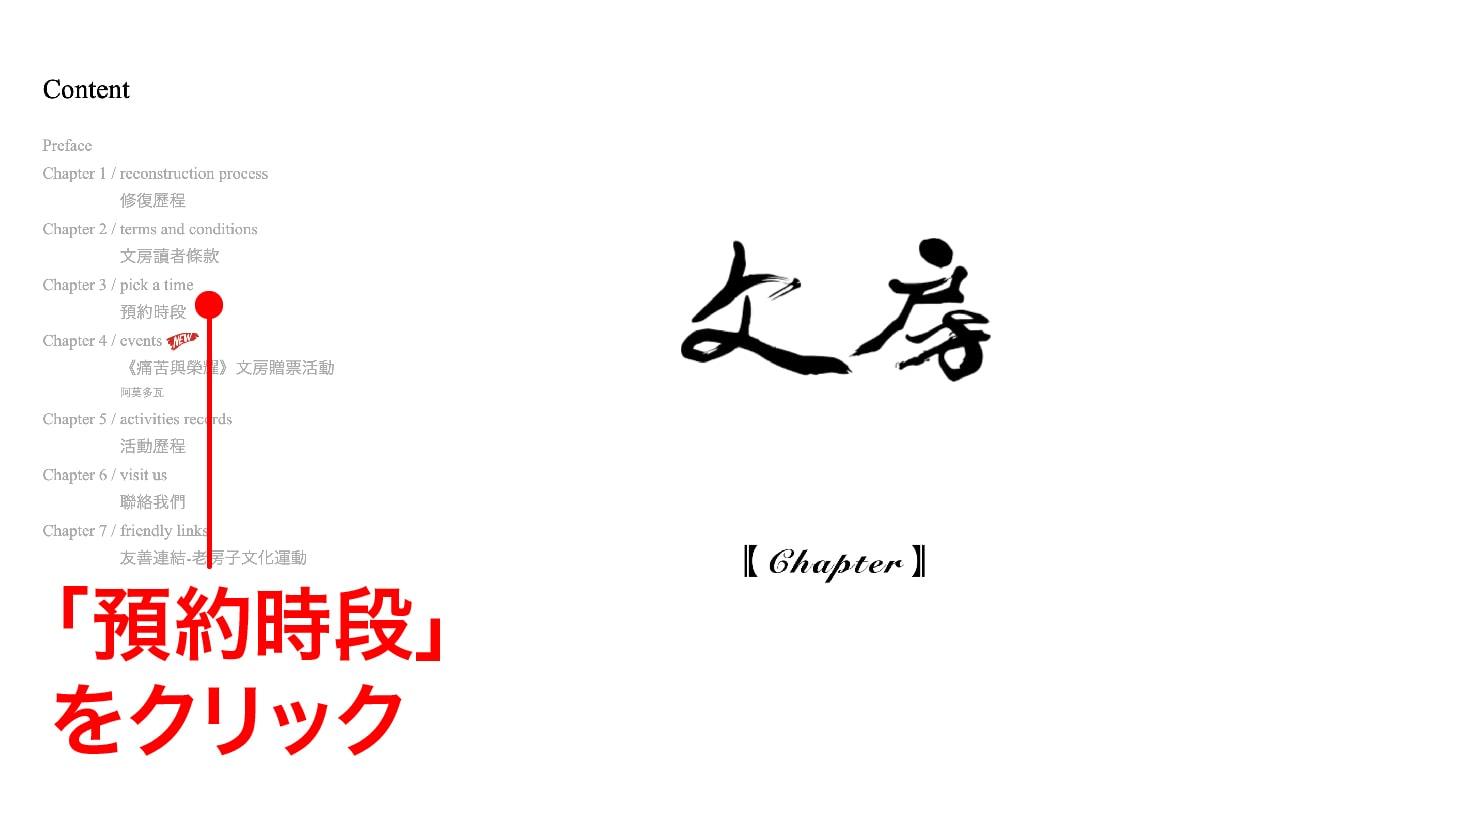 台北の街に佇む日本式古民家の図書館「文房 Chapter」の予約方法_1